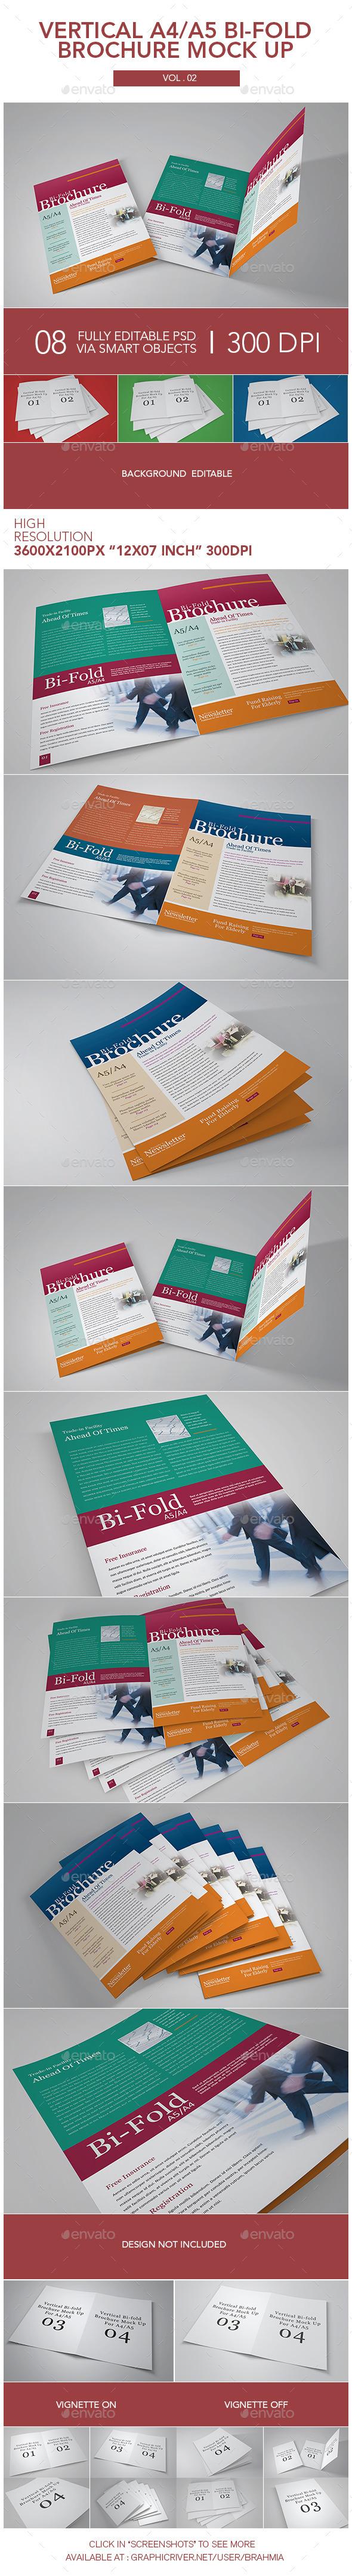 Vertical A4_A5 Bi-fold Brochure Mock Up - Brochures Print